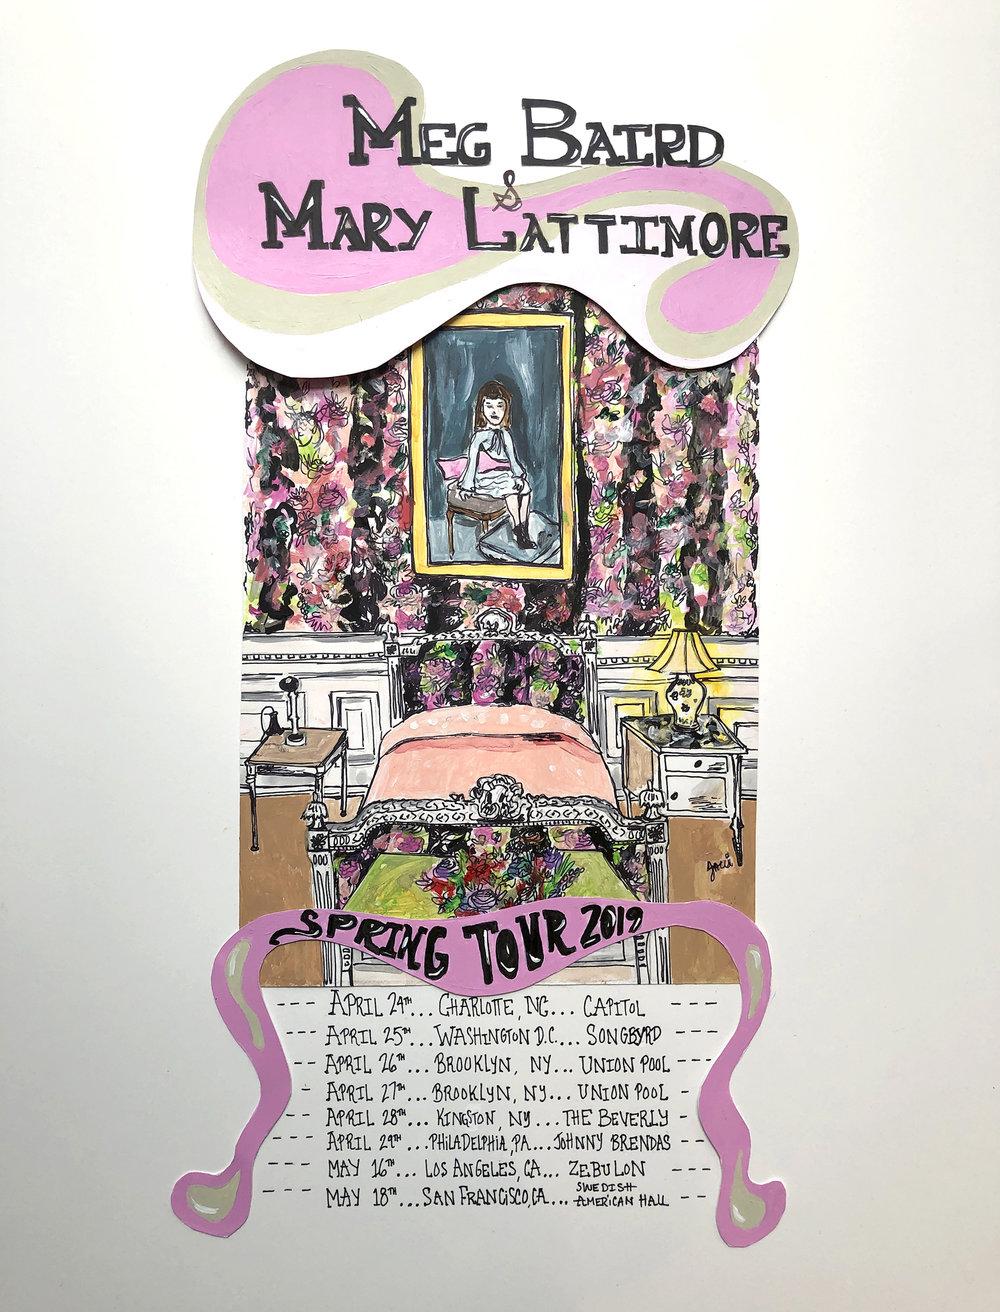 Mary Lattimore & Meg Baird Live @ Capitol - April 24th